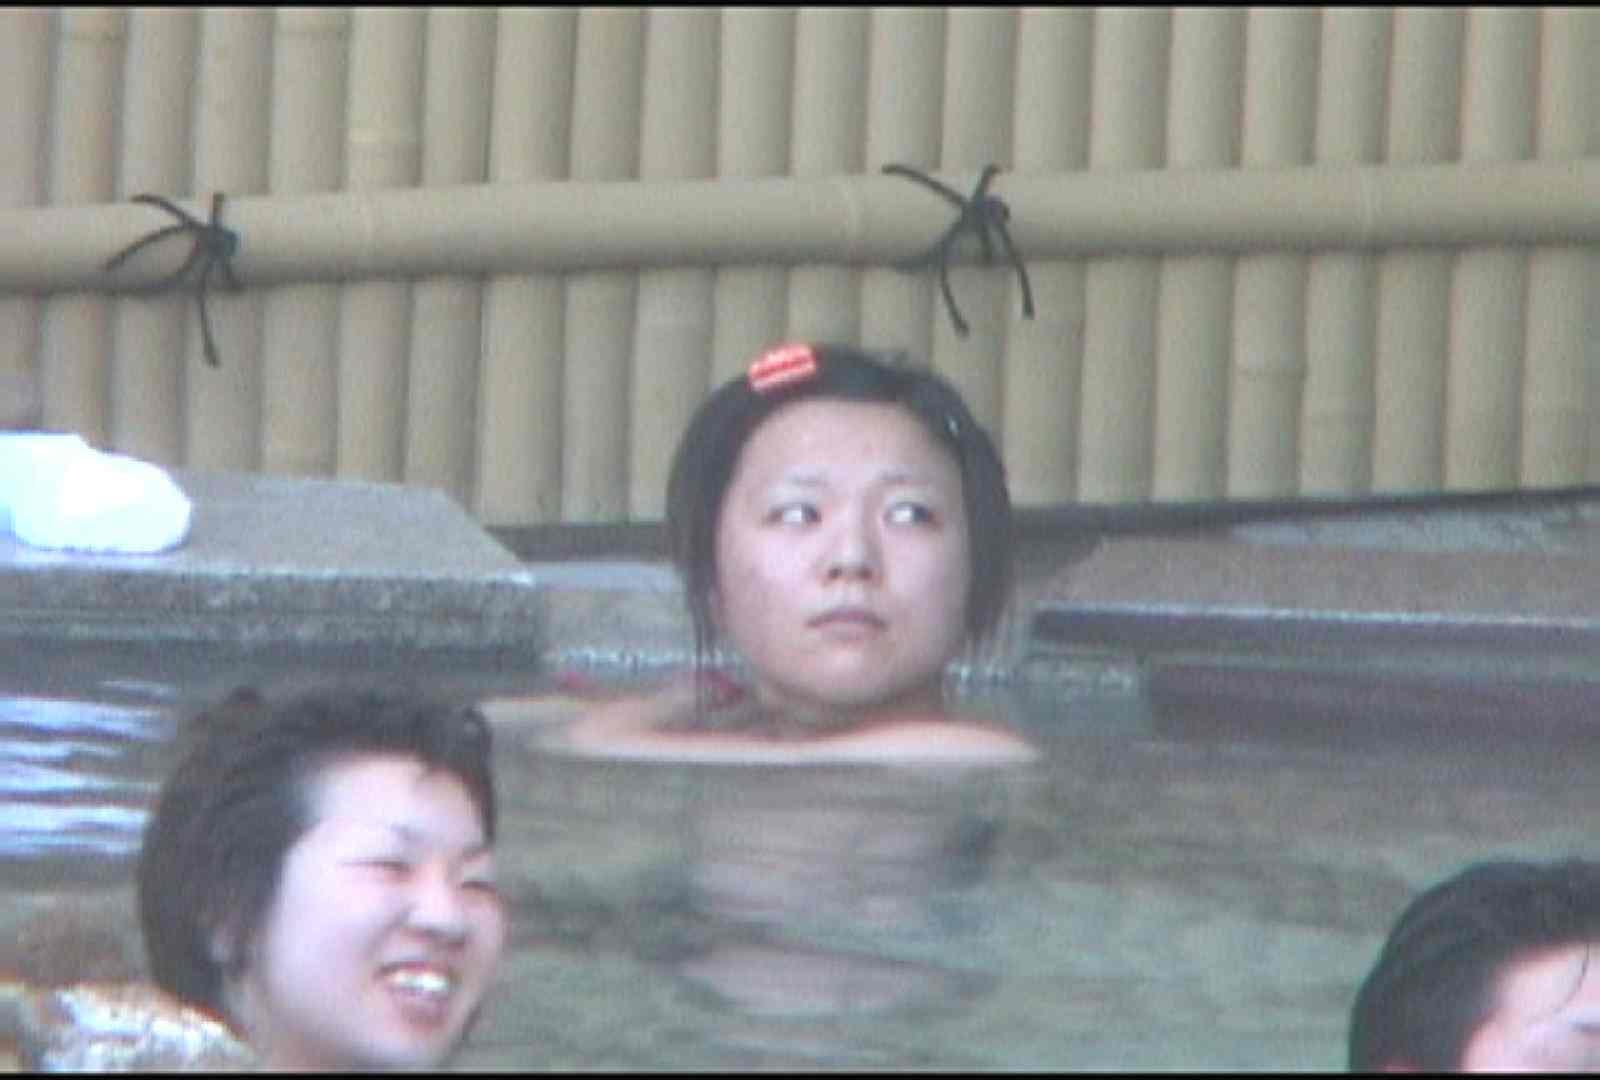 Aquaな露天風呂Vol.175 露天   盗撮  77画像 19